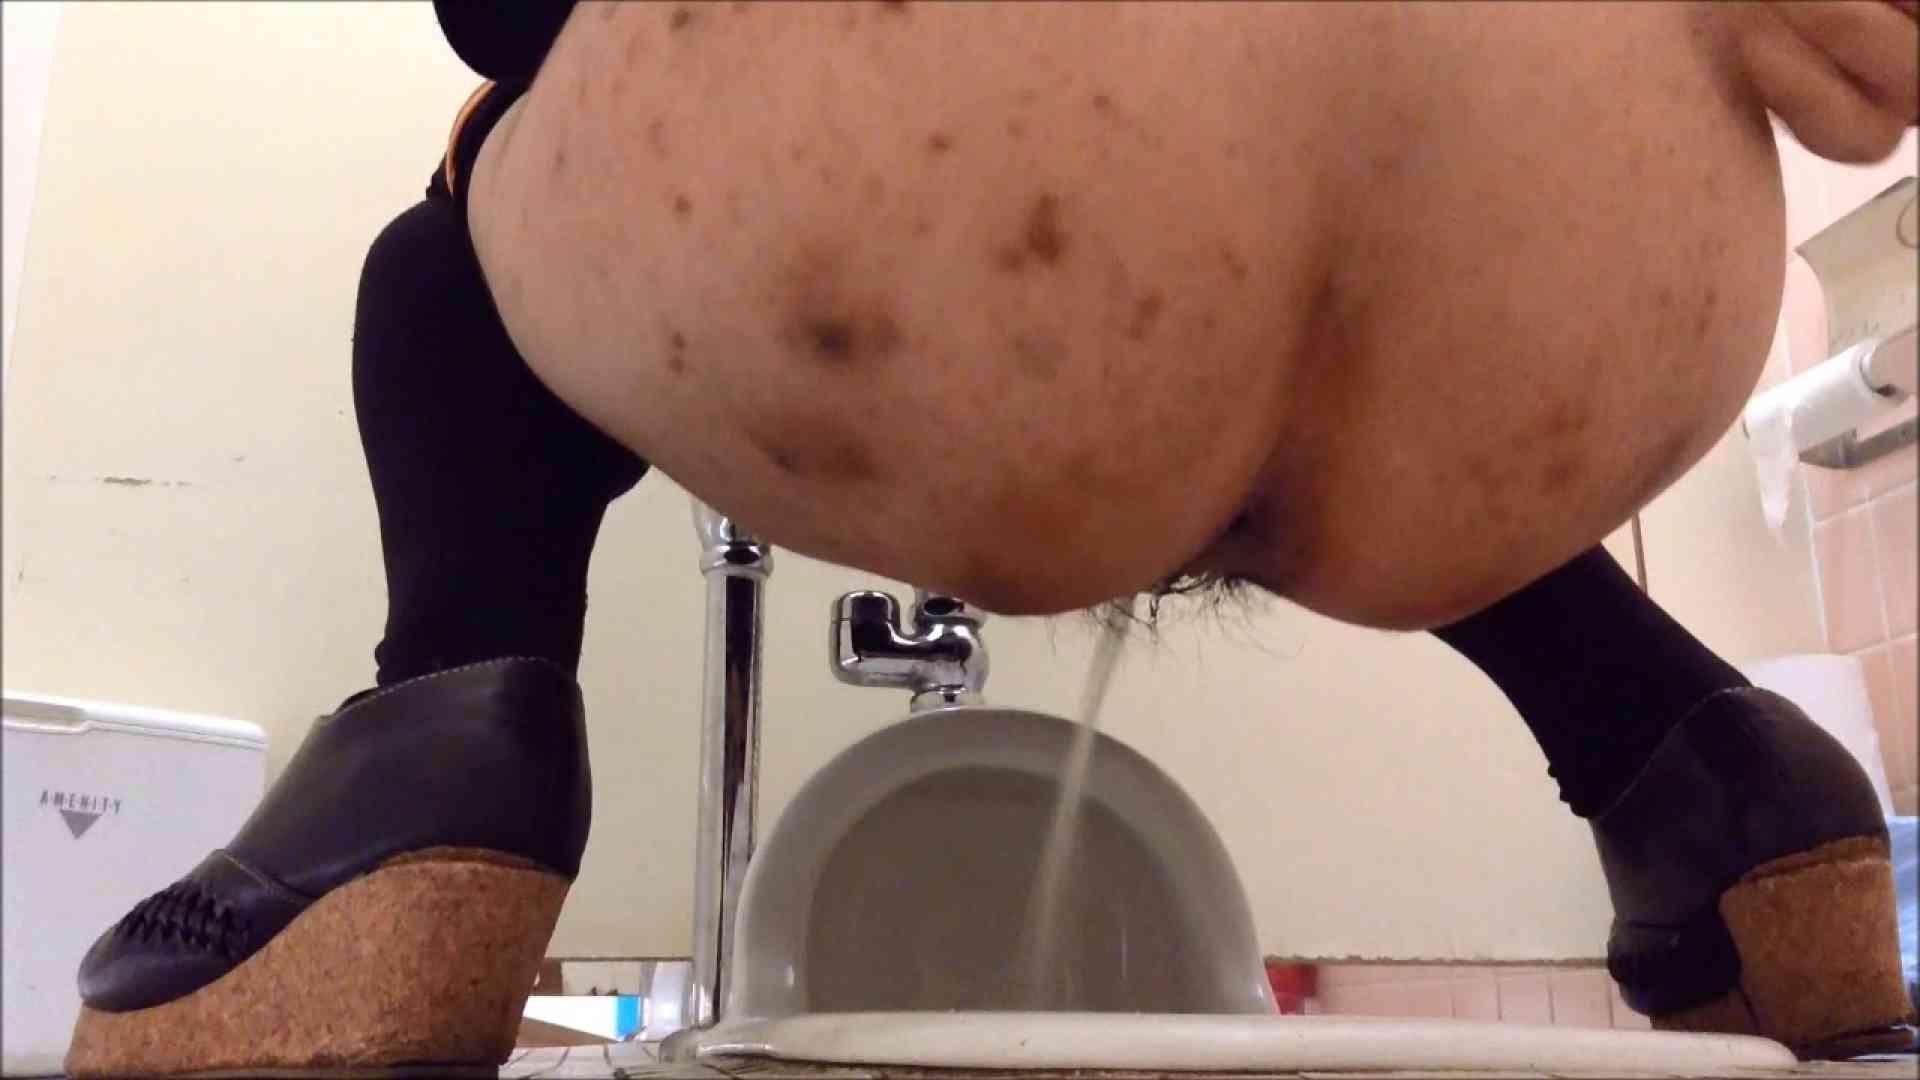 某有名大学女性洗面所 vol.06 排泄  68画像 36